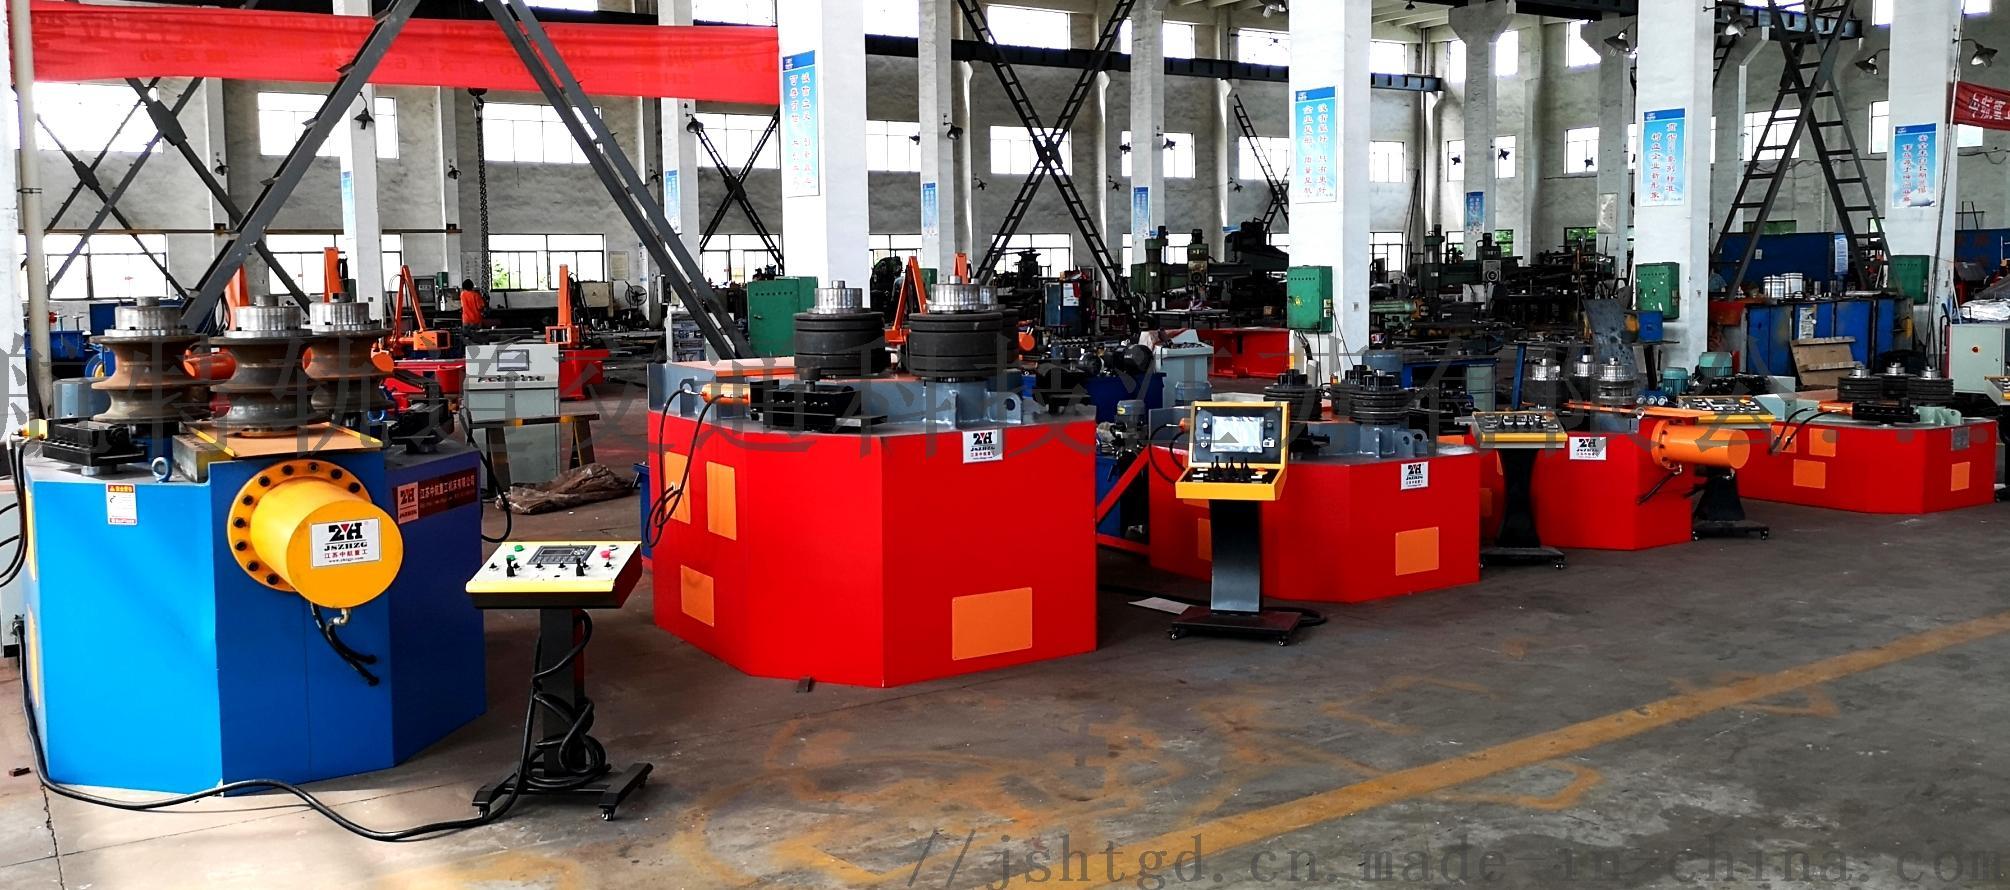 小型鋁型材拉彎機 江蘇中航重工拉彎機 廠家拉彎機81133615